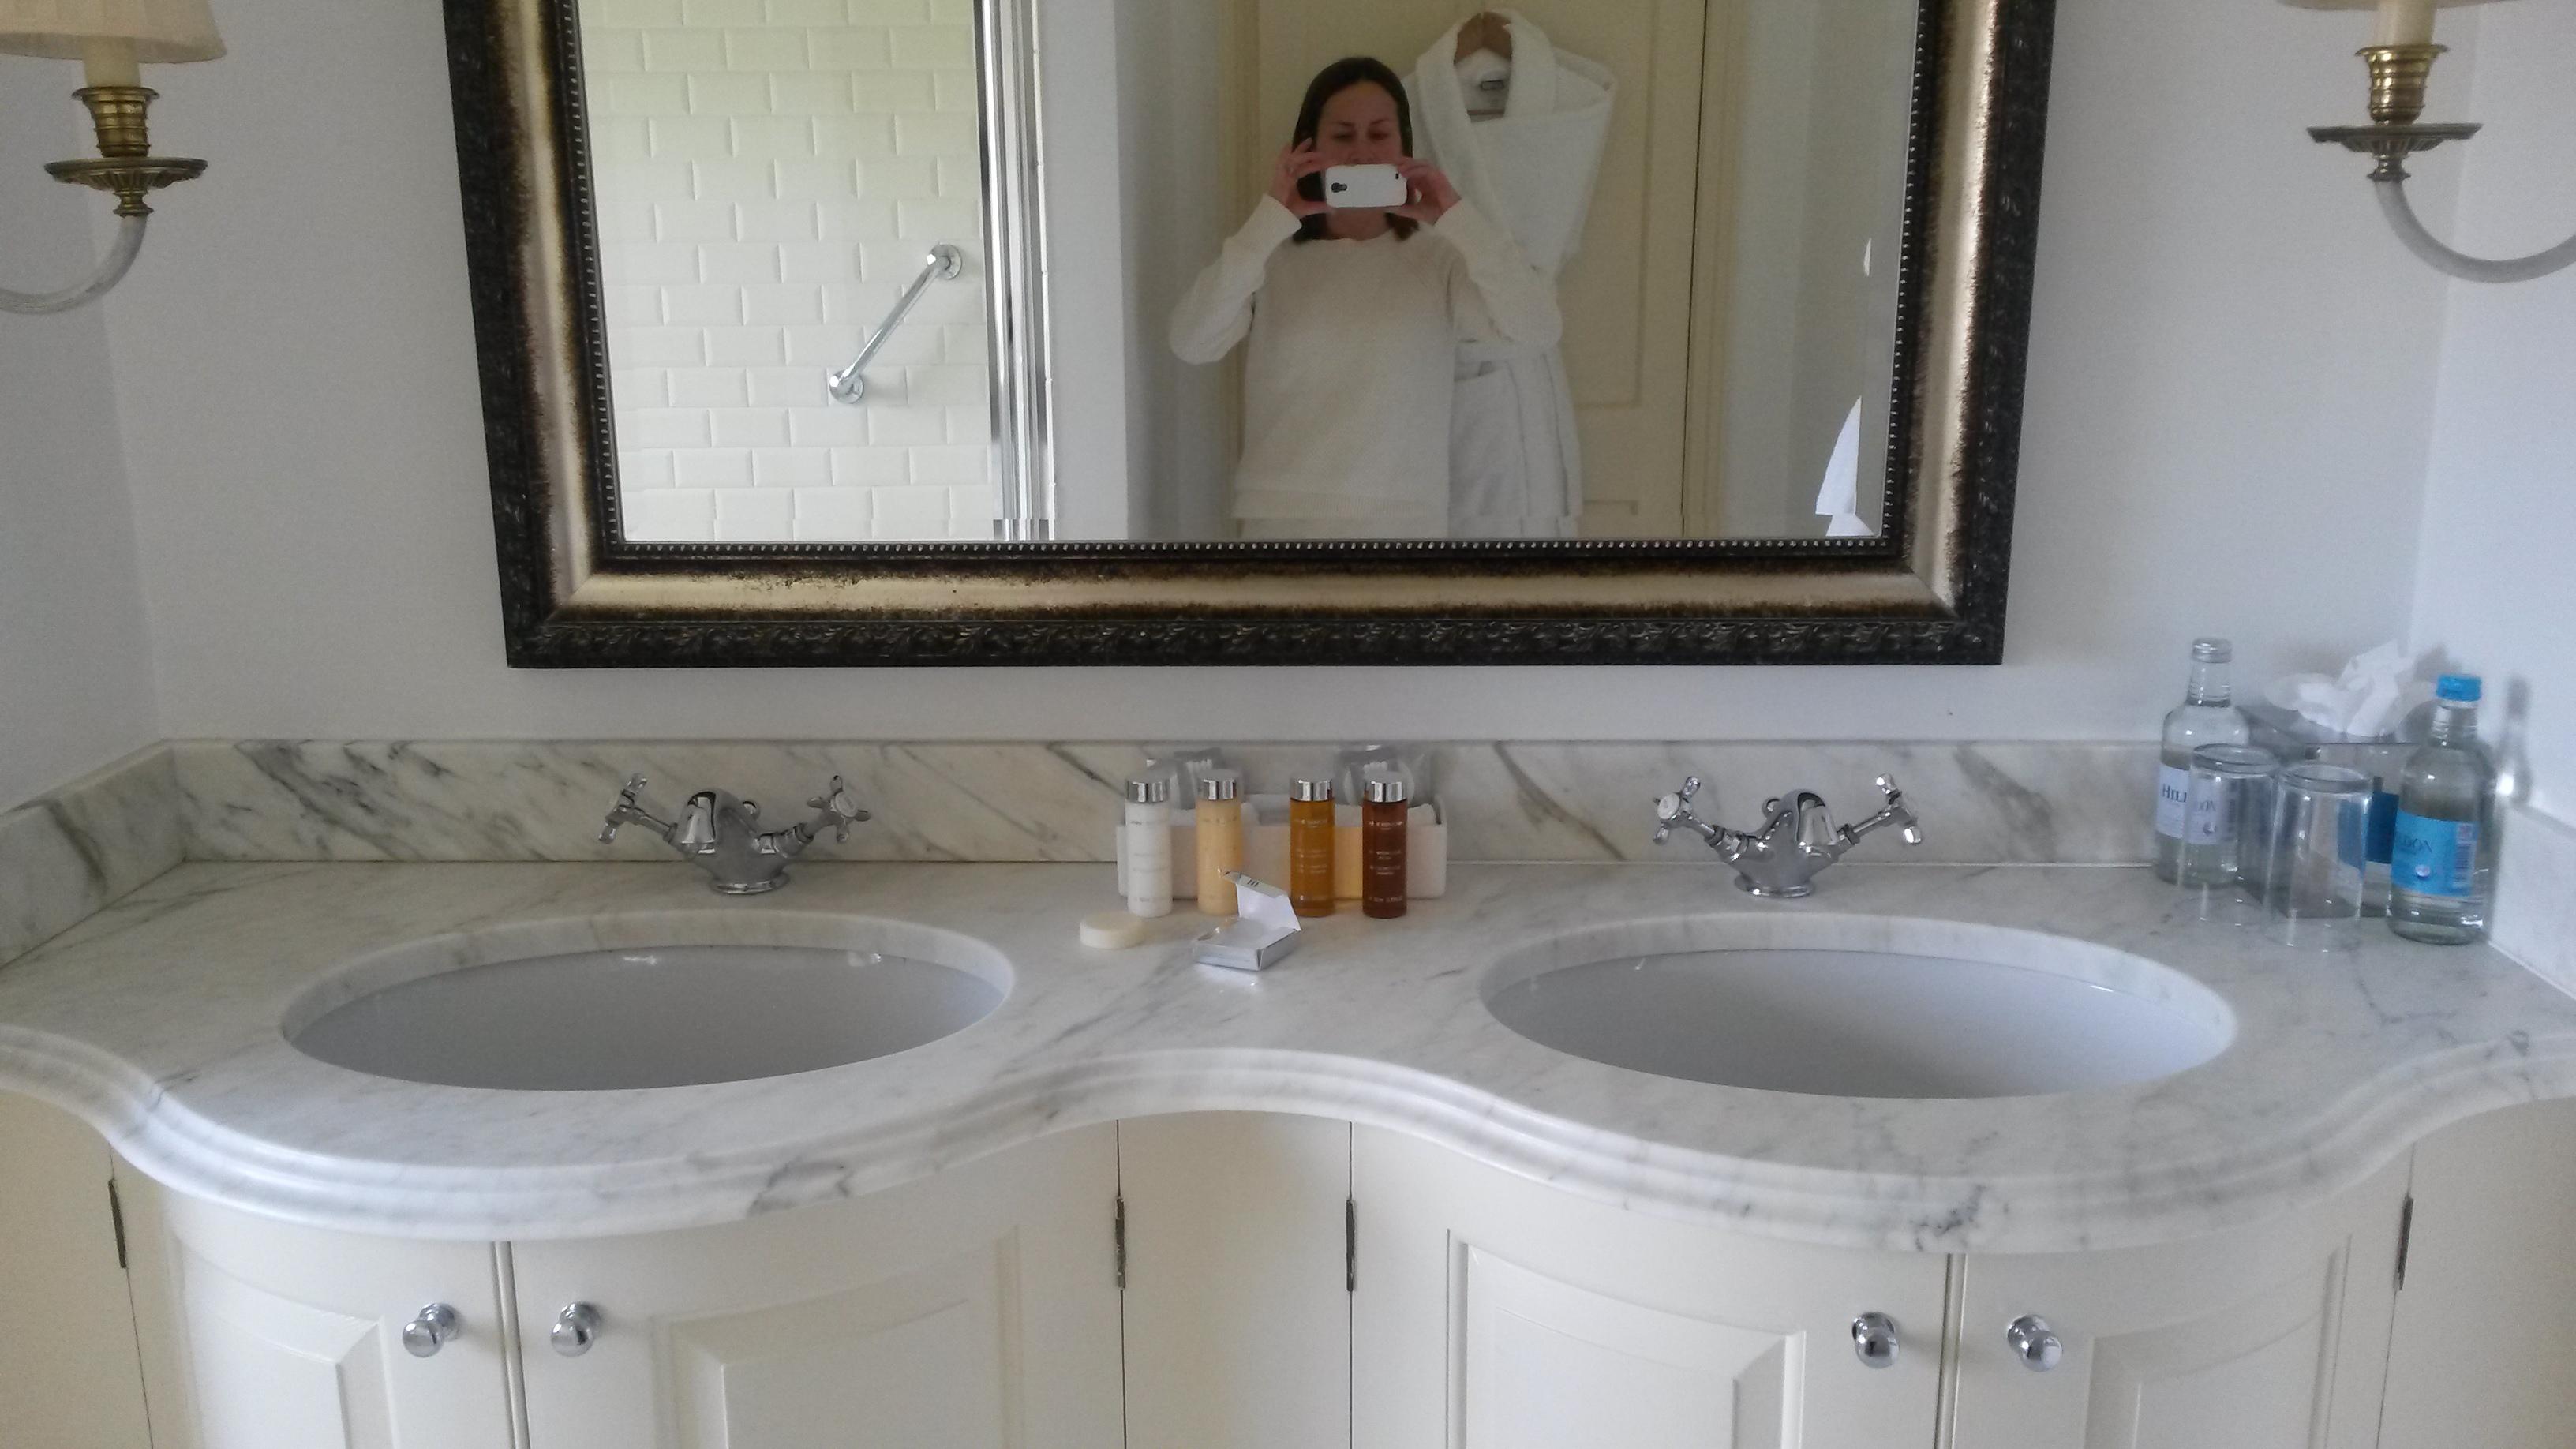 Bathroom selfie, why not :)